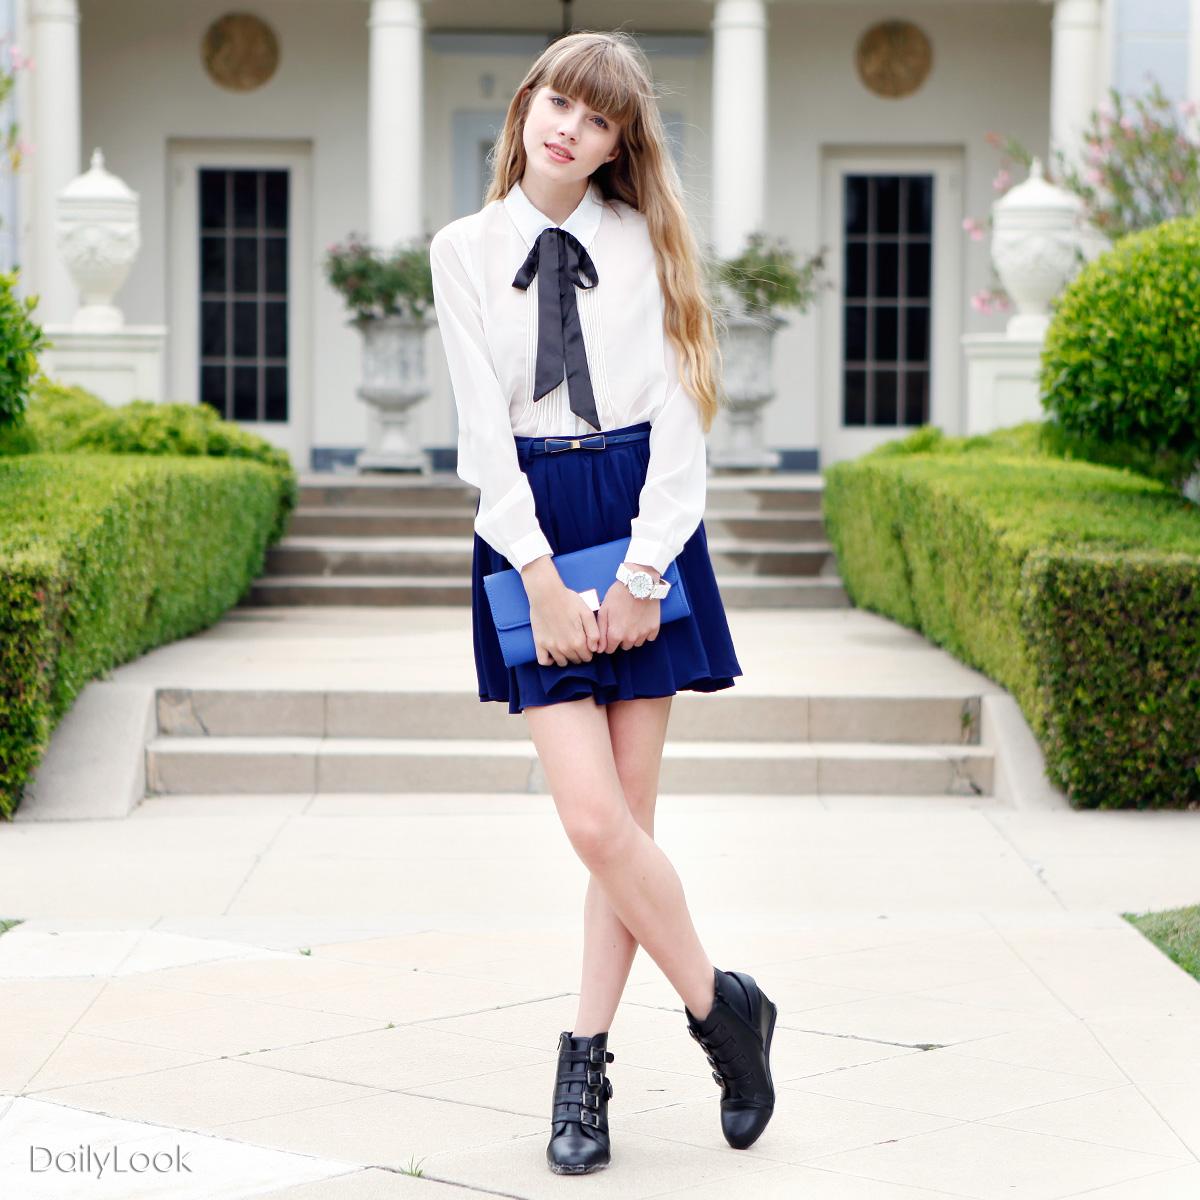 Schoolgirl Street Chic Dailylook